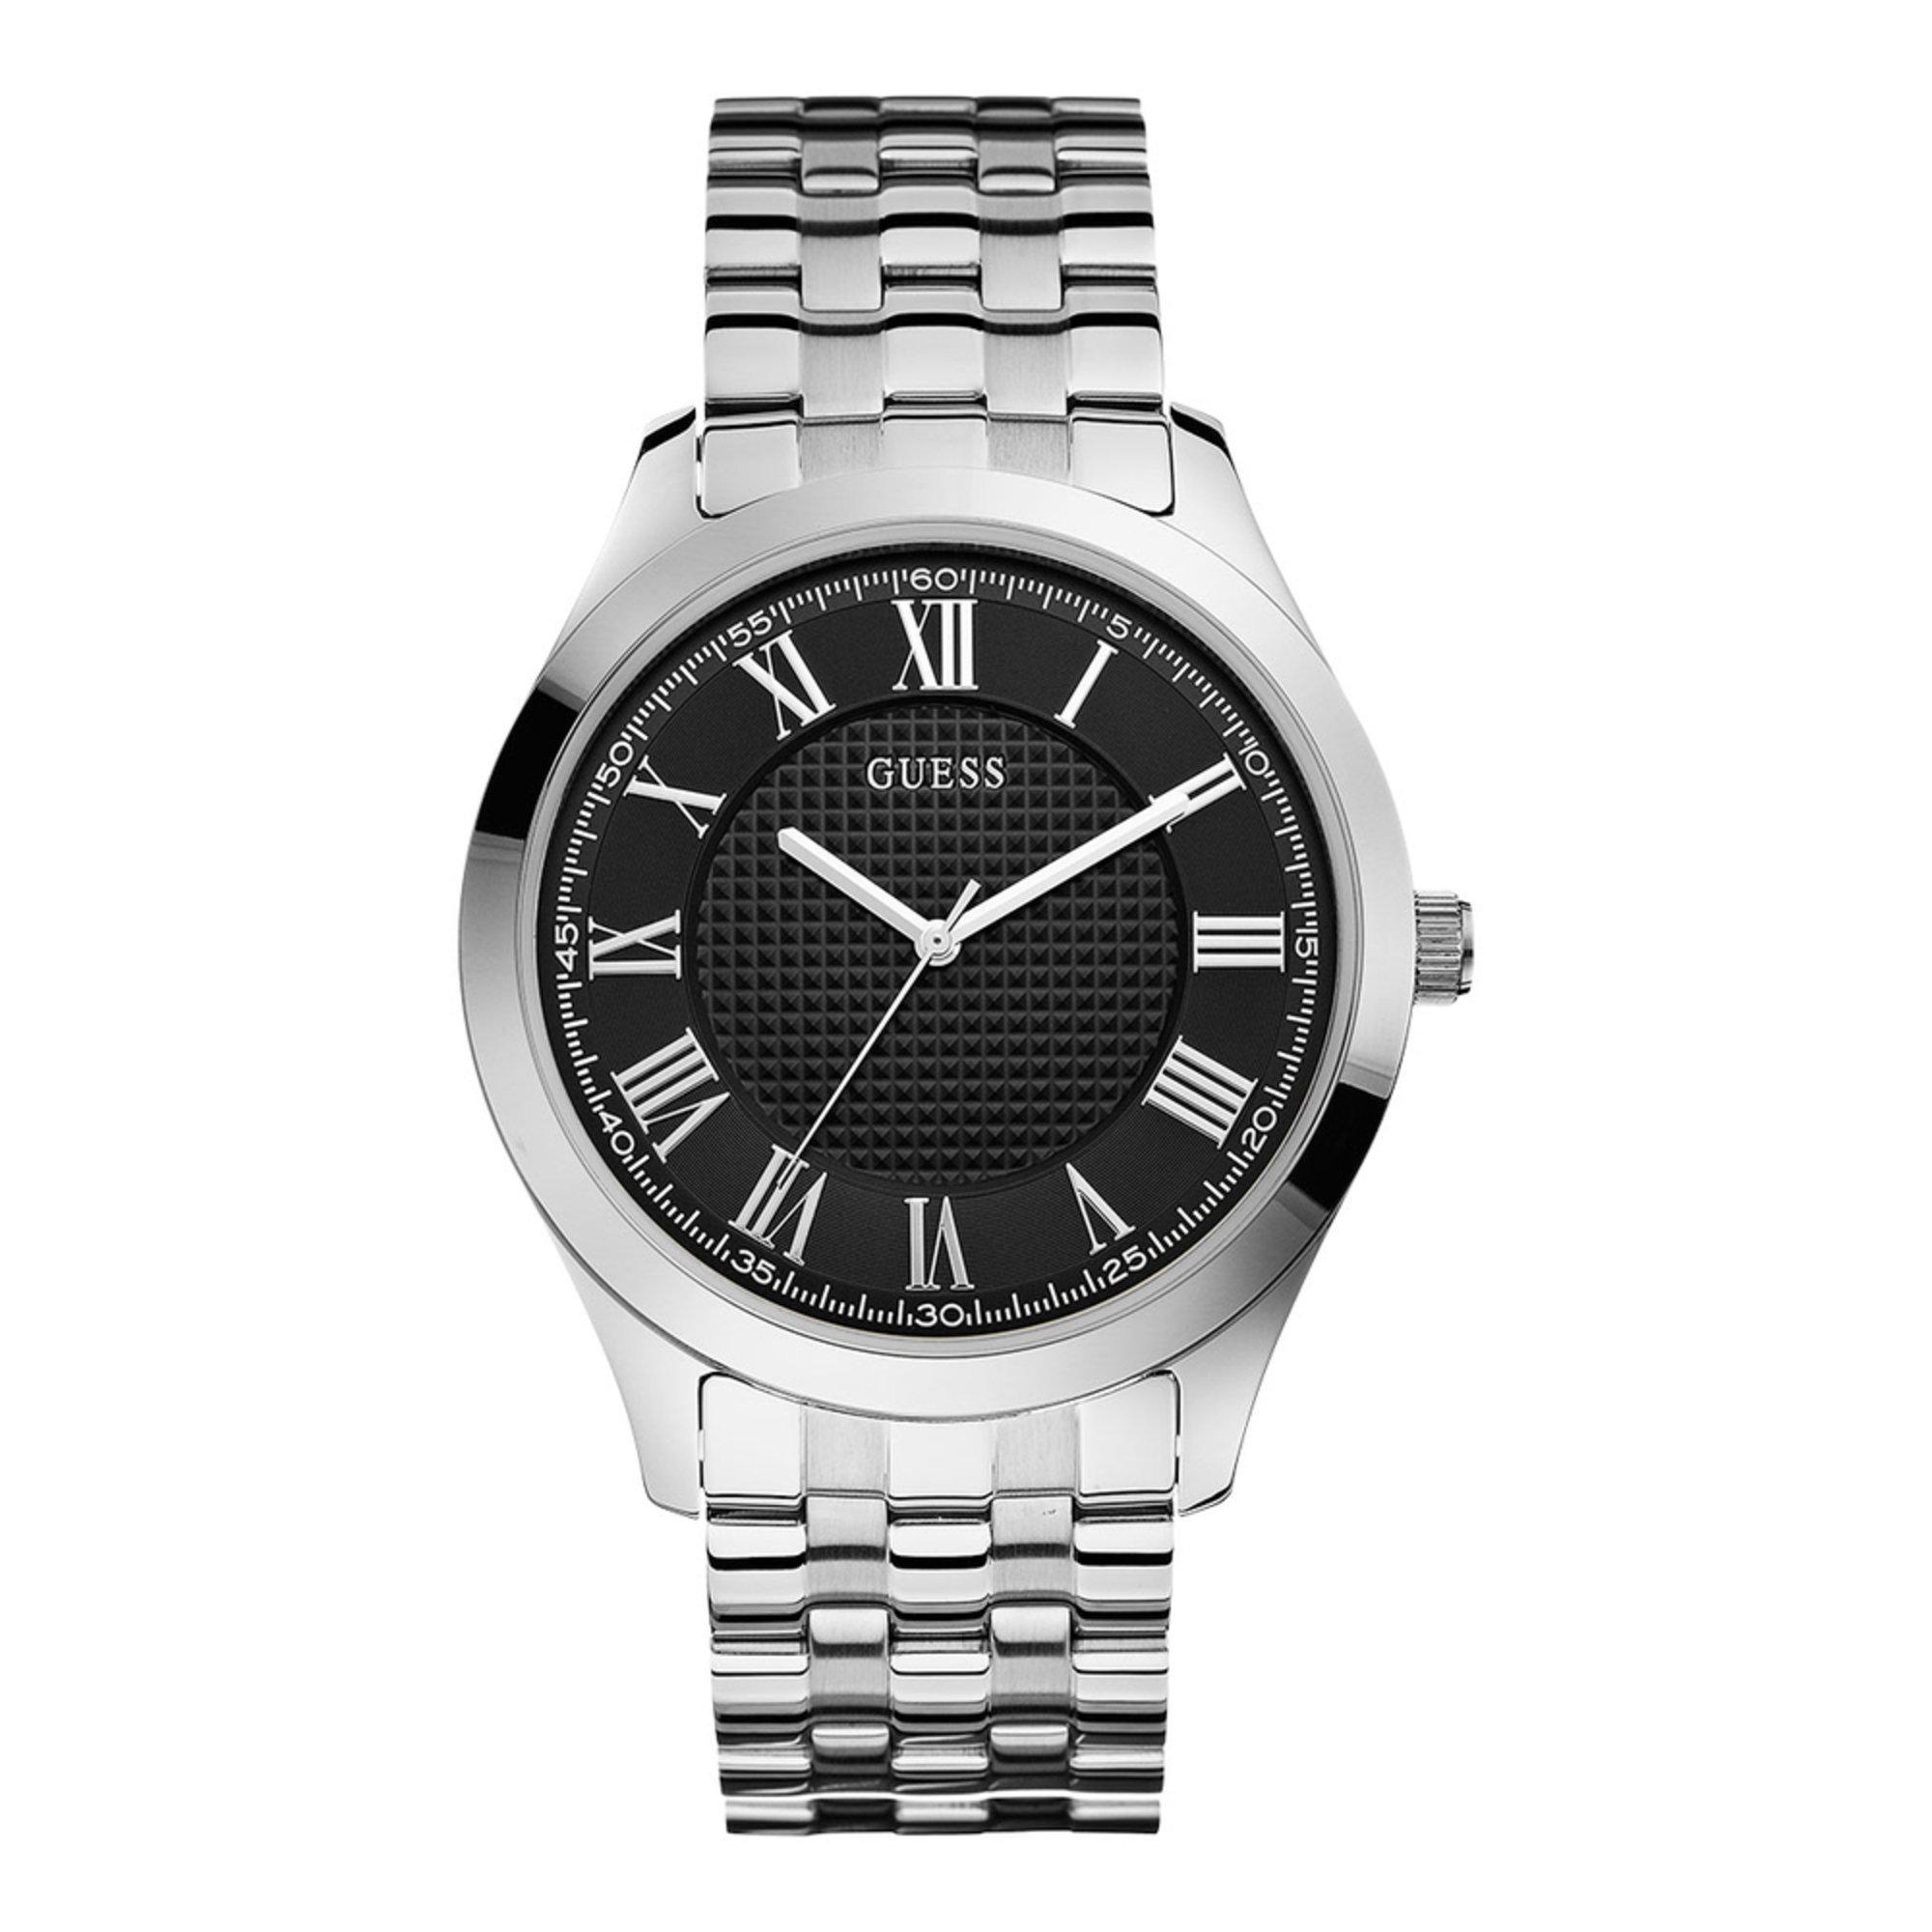 Guess Men's Stainless Steel Bracelet Watch, 44mm